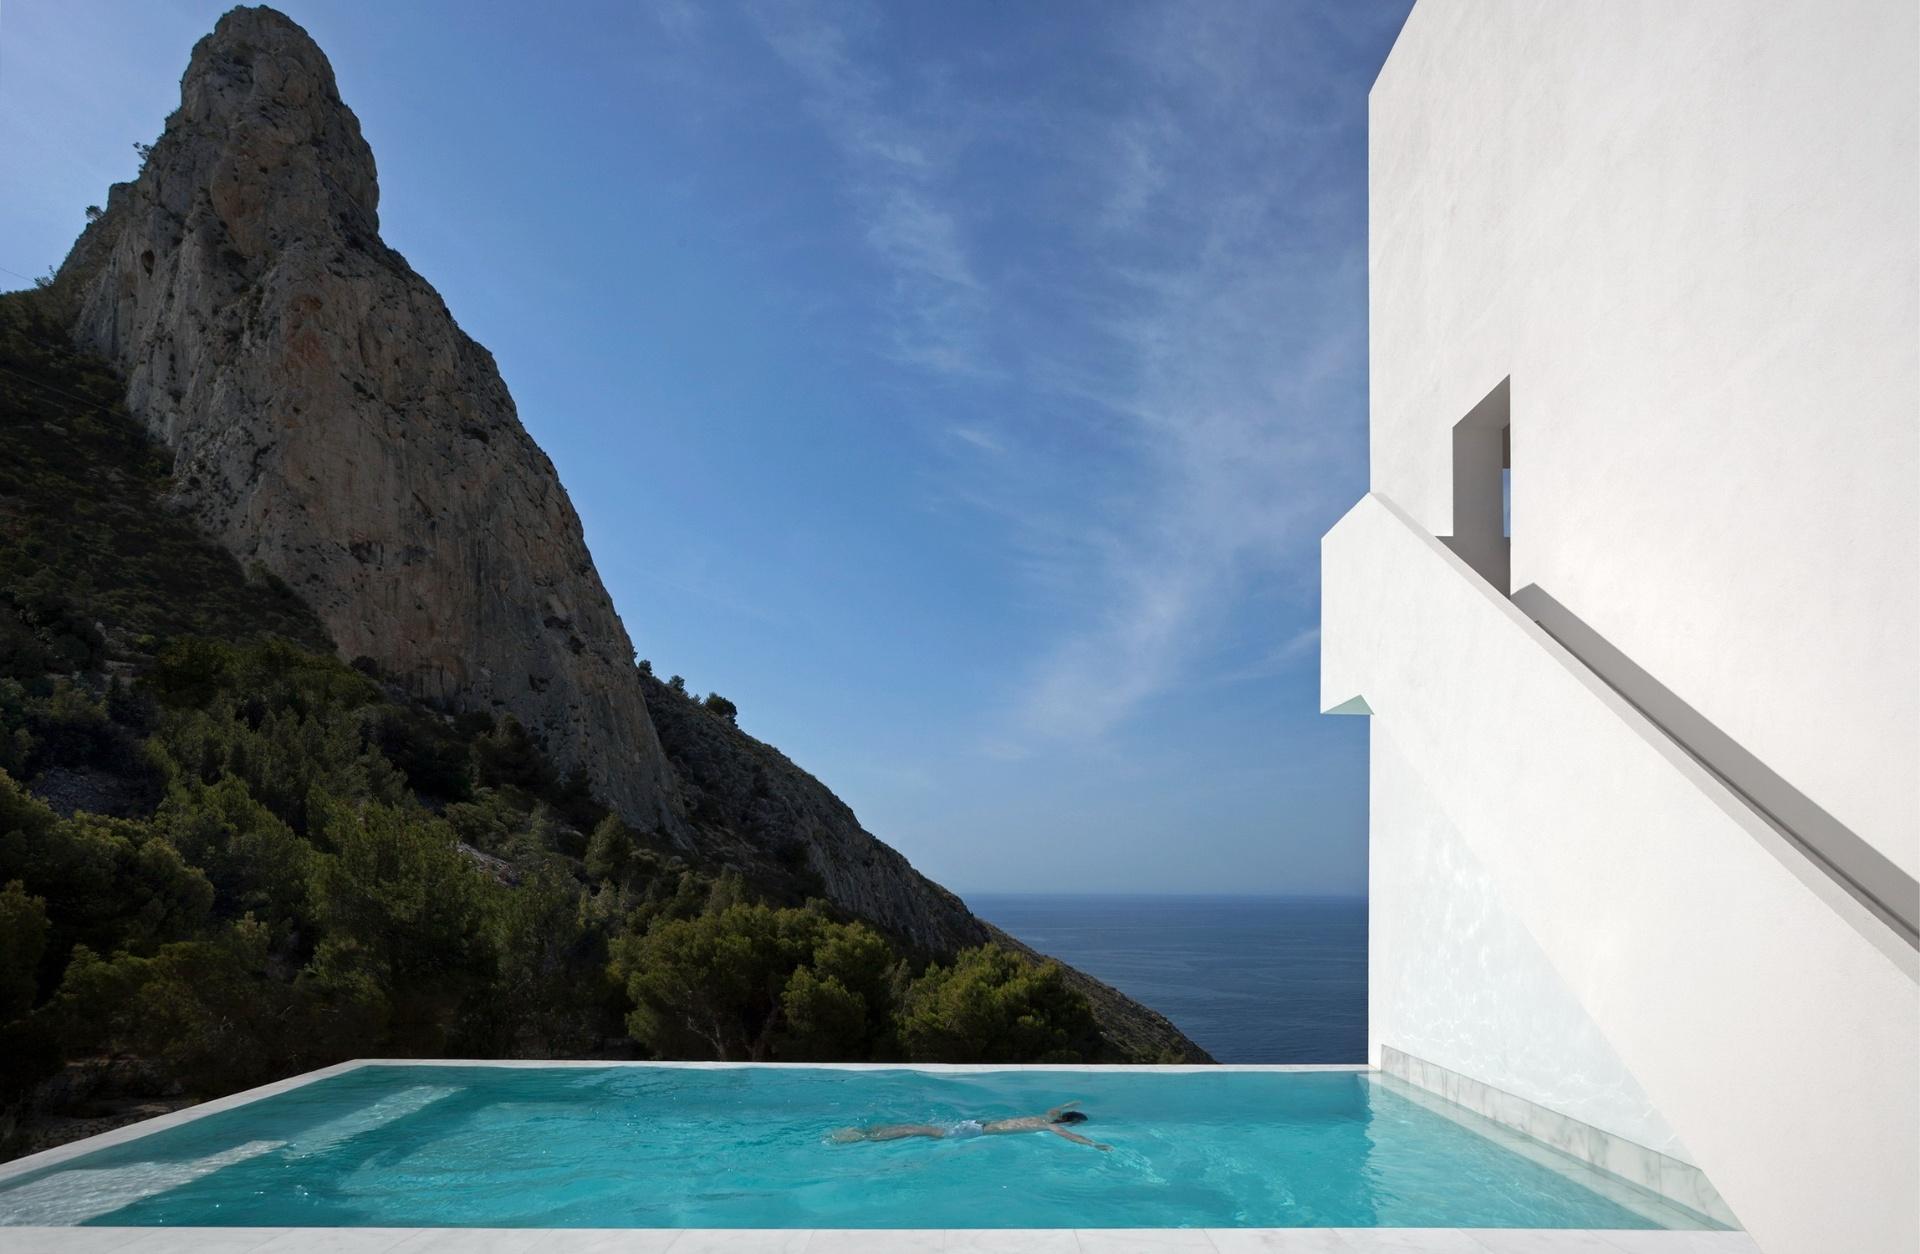 Para acentuar a ideia de integração entre a residência e a paisagem e trazer o mar para perto da Casa do Penhasco, os arquitetos do escritório Fran Silvestre projetaram uma piscina com borda infinita em Calpe, Alicante, no litoral da Espanha